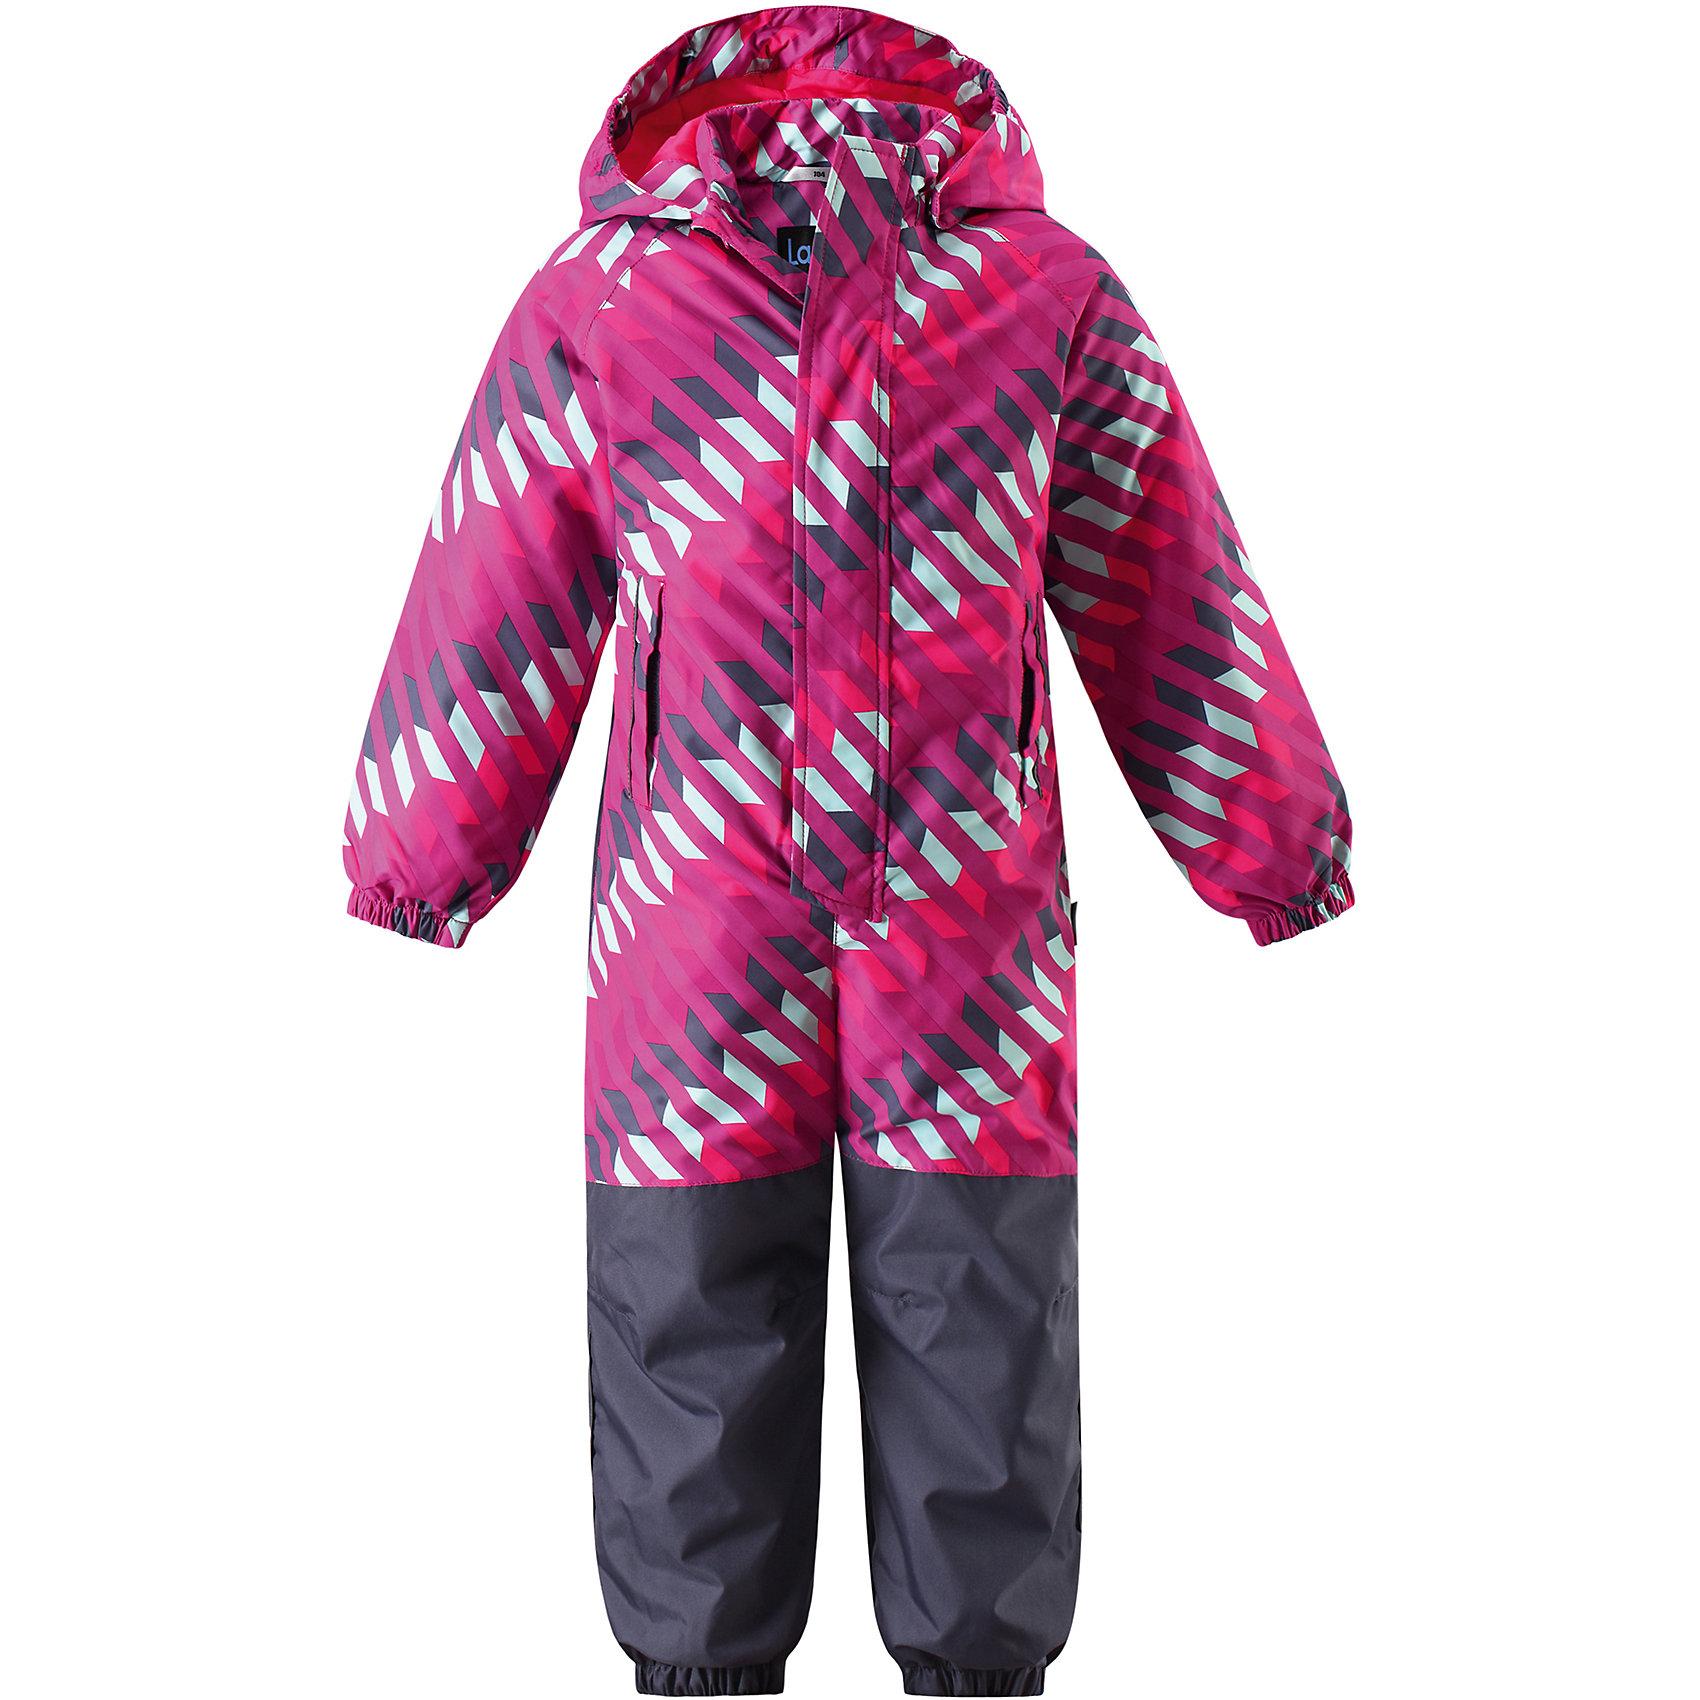 Комбинезон LASSIEОдежда<br>Характеристики товара:<br><br>• цвет: розовый<br>• состав: 100% полиэстер, мембрана 100% полиуретан<br>• утеплитель: 80гр/м2<br>• температурный режим: от 0°до +10°С<br>• куртка: материал - taslan/водонепроницаемость: 1000 мм<br>сопротивление трению: 20000 циклов (тест Мартиндейла).<br>• полукомбенизон: материал - oxford/водонепроницаемость: 1000 мм<br>воздухопроводимость: 3000 г/м2/24ч, сопротивление трению: 50000 циклов (тест Мартиндейла).<br>• безопасный съёмный капюшон <br>• прочный материал<br>• водоотталкивающий, ветронепроницаемый, дышащий материал (Taslan)<br>• гладкая подкладка из полиэстера<br>• проклеенный задний средний шов<br>• эластичные манжеты на рукавах и брючинах.<br>• эластичная талия.<br>• съемные штрипки.<br>• нагрудный карман на молнии.<br>• модель с подтяжками.<br>• светоотражающие элементы для безопасности ребенка в темное время суток.<br>• разрешена сушка в сушильном шкафу.<br>• коллекция: весна-лето 2017<br>• страна бренда: Финляндия<br>• страна производства: Китай<br><br>Демисезонный комбинезон поможет обеспечить ребенку комфорт и тепло. Комбинезон удобно сидит и модно выглядит. Материал - водоотталкивающий, ветронепроницаемый и «дышащий». Продуманный крой разрабатывался специально для детей.<br><br>Комбинезон от финского бренда LASSIE by Reima можно купить в нашем интернет-магазине.<br><br>Ширина мм: 356<br>Глубина мм: 10<br>Высота мм: 245<br>Вес г: 519<br>Цвет: фуксия<br>Возраст от месяцев: 36<br>Возраст до месяцев: 48<br>Пол: Женский<br>Возраст: Детский<br>Размер: 92,104,116,128,80,122,98,110,86<br>SKU: 5264920